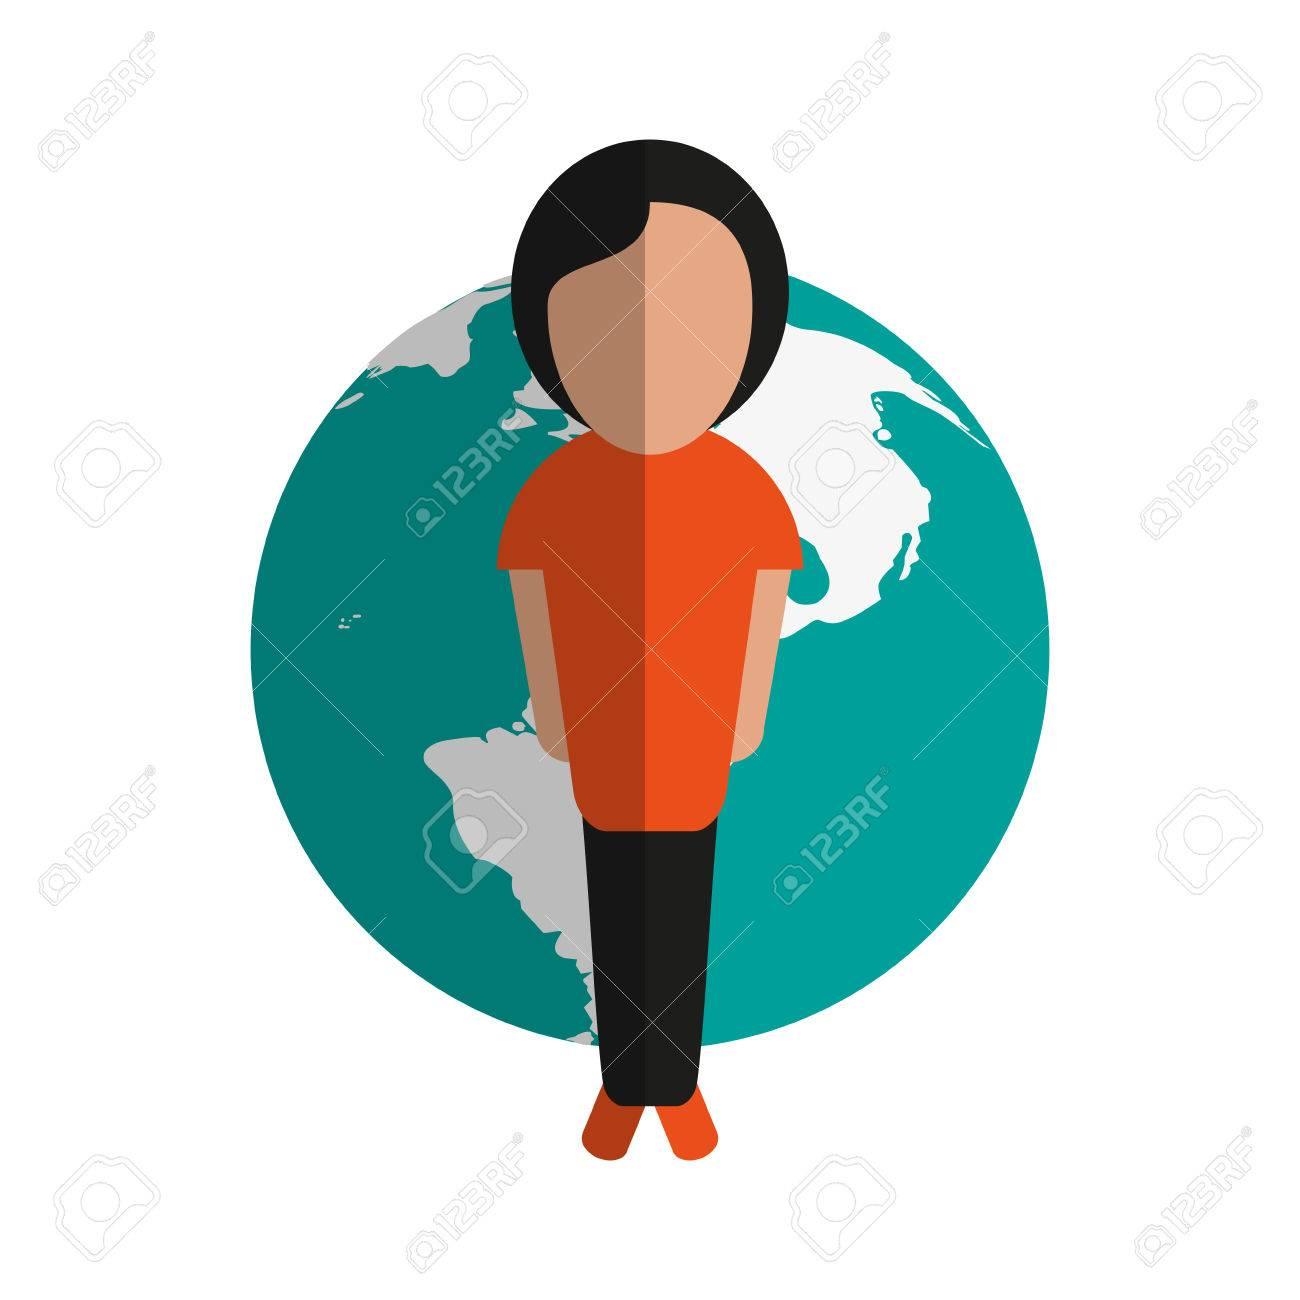 惑星地球国際アイコン画像ベクトル イラスト デザインに立っている人の